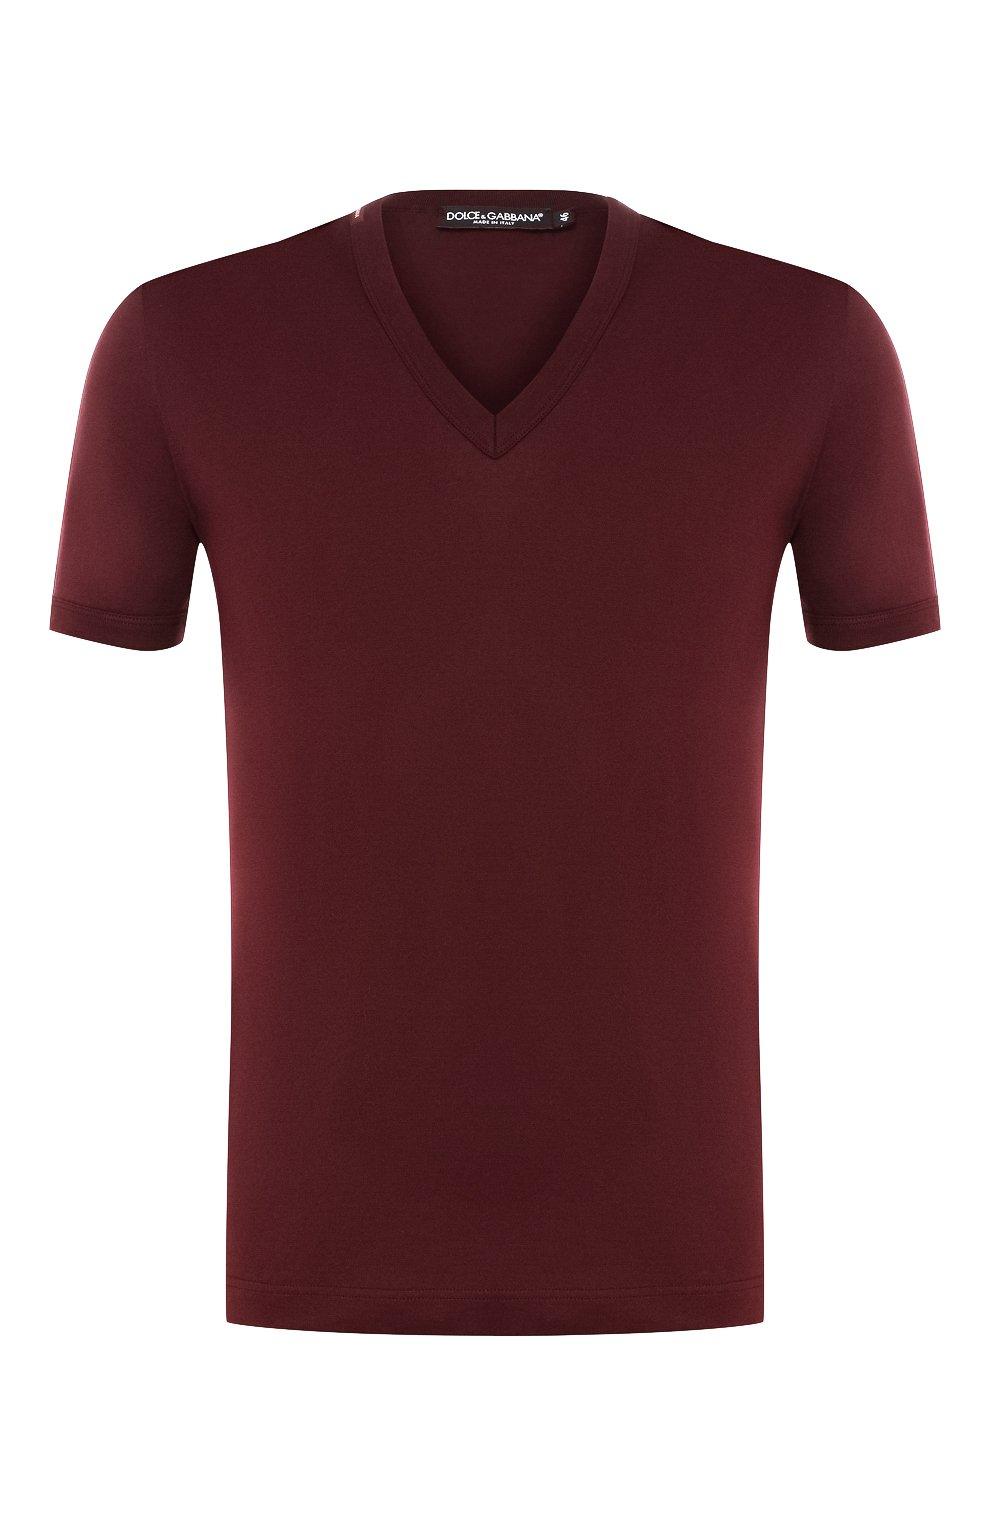 Хлопковая футболка с V-образным вырезом   Фото №1